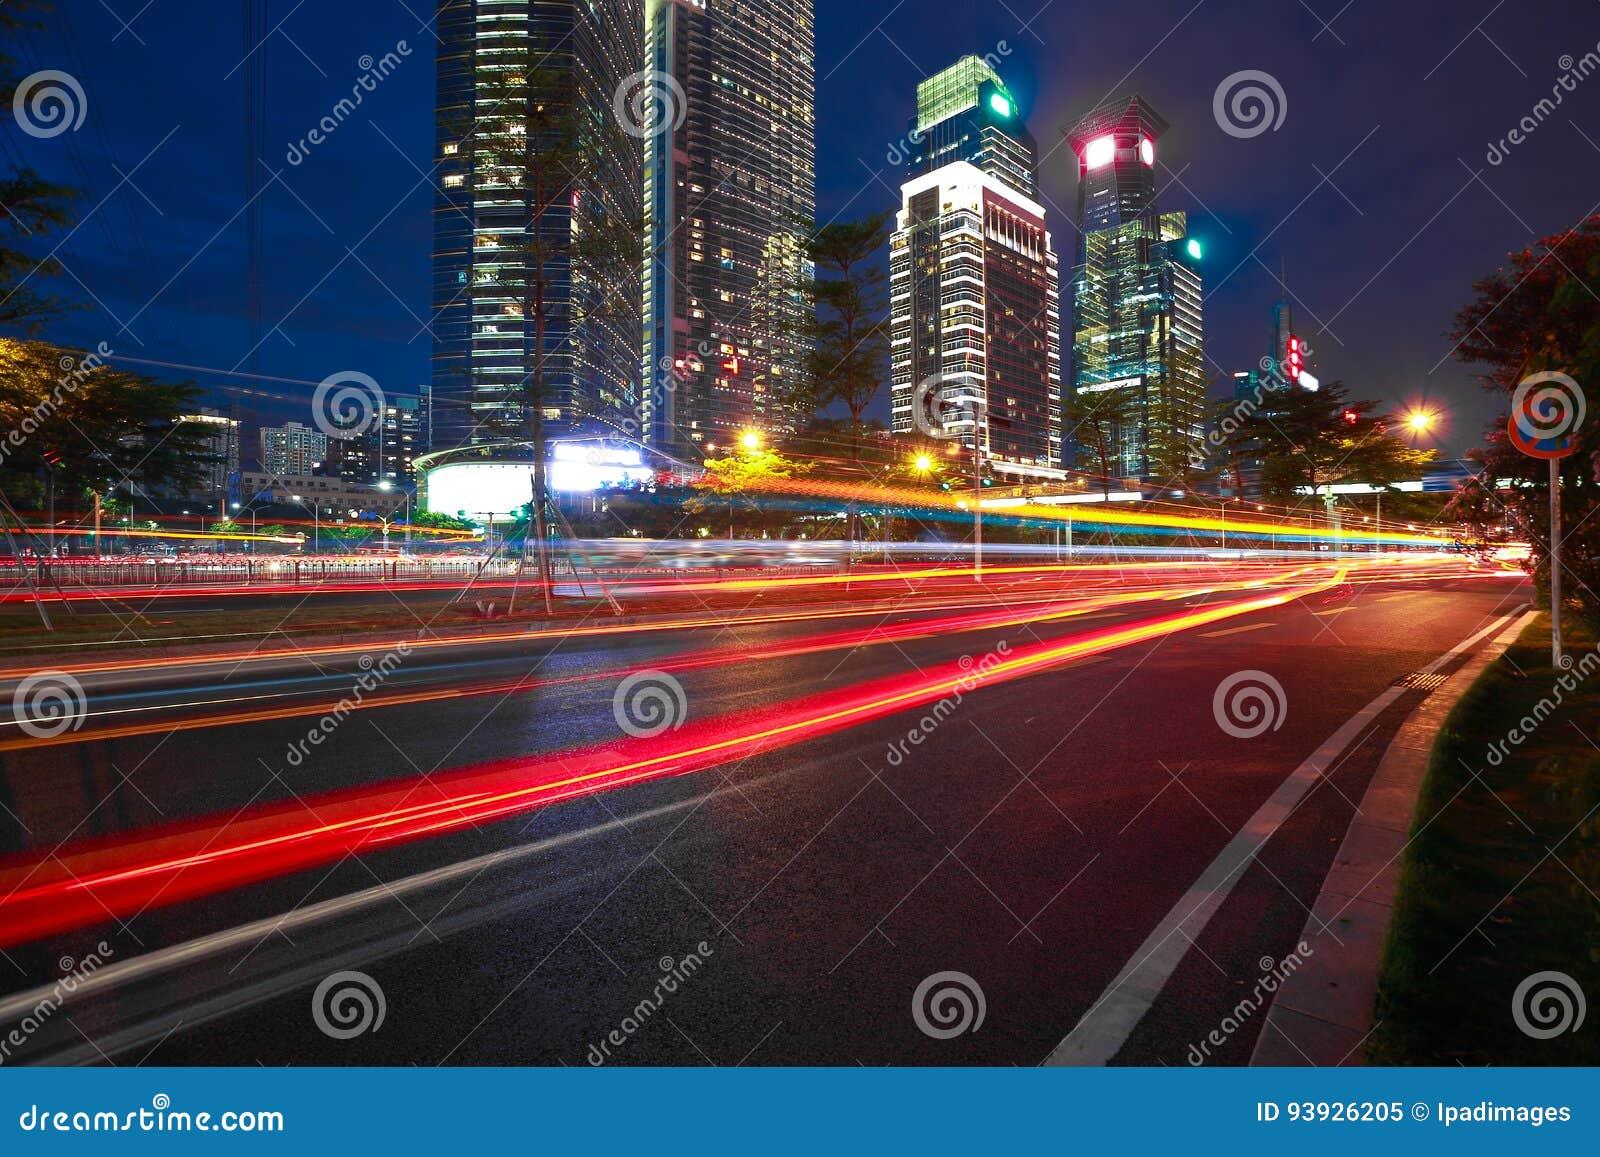 Пустой пол дорожного покрытия с современными предпосылками архитектуры ориентир ориентира города сцены ночи